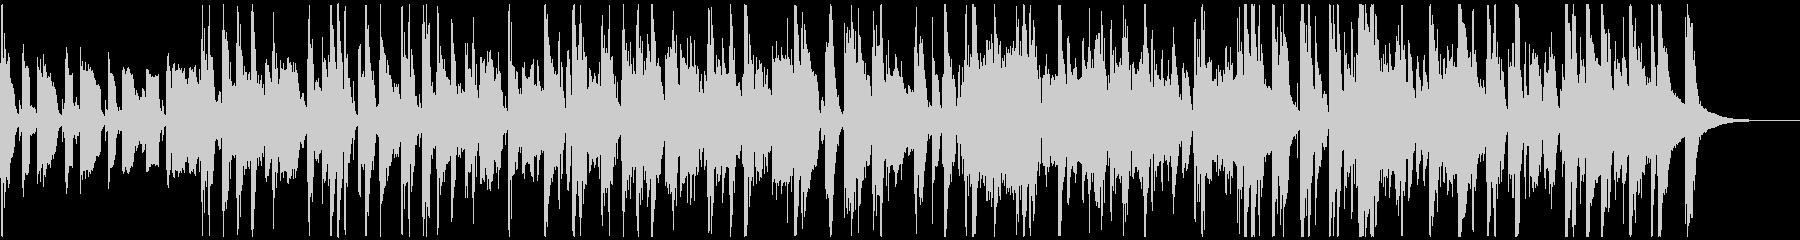 エレキ・スラップ・シェイカー・ロックの未再生の波形